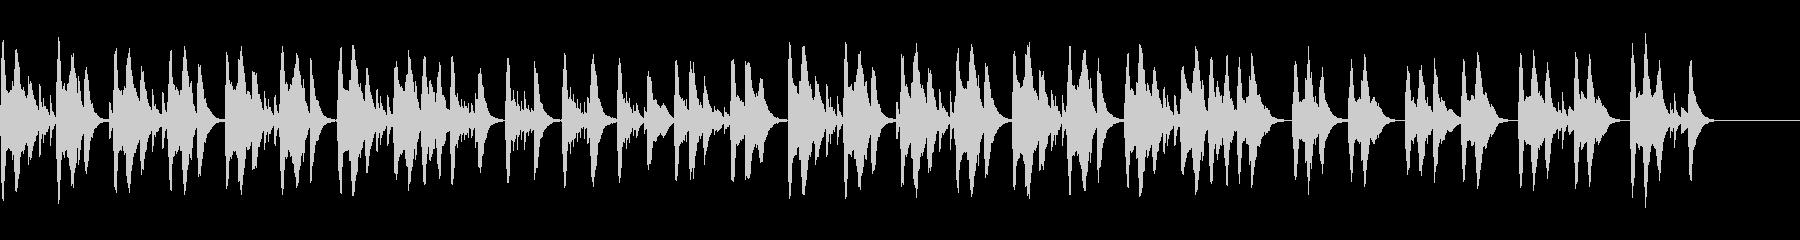 不安や心配を感じさせるオルゴール曲の未再生の波形